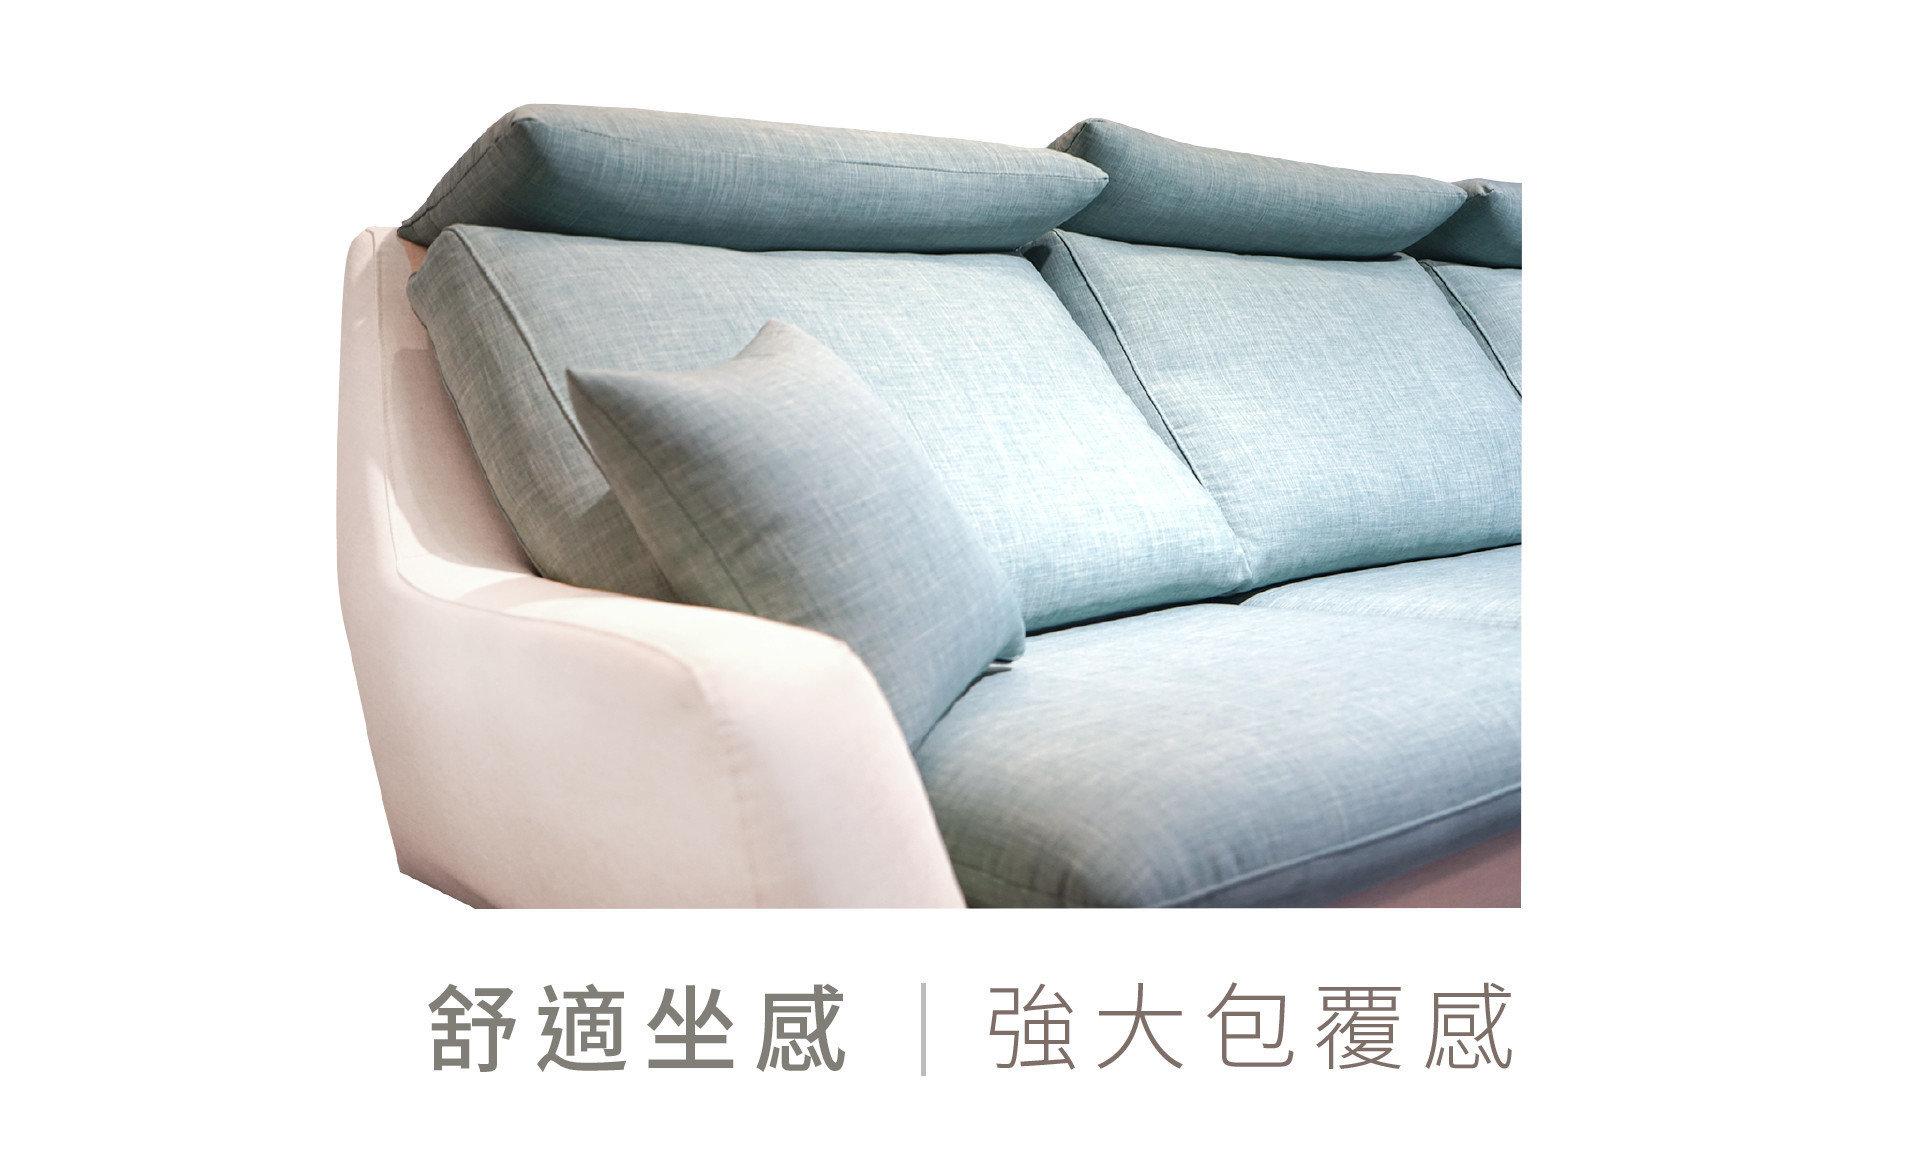 【Ariel愛麗兒沙發】加強坐感體驗,選用高密度泡棉強化支撐性,更挺更舒適